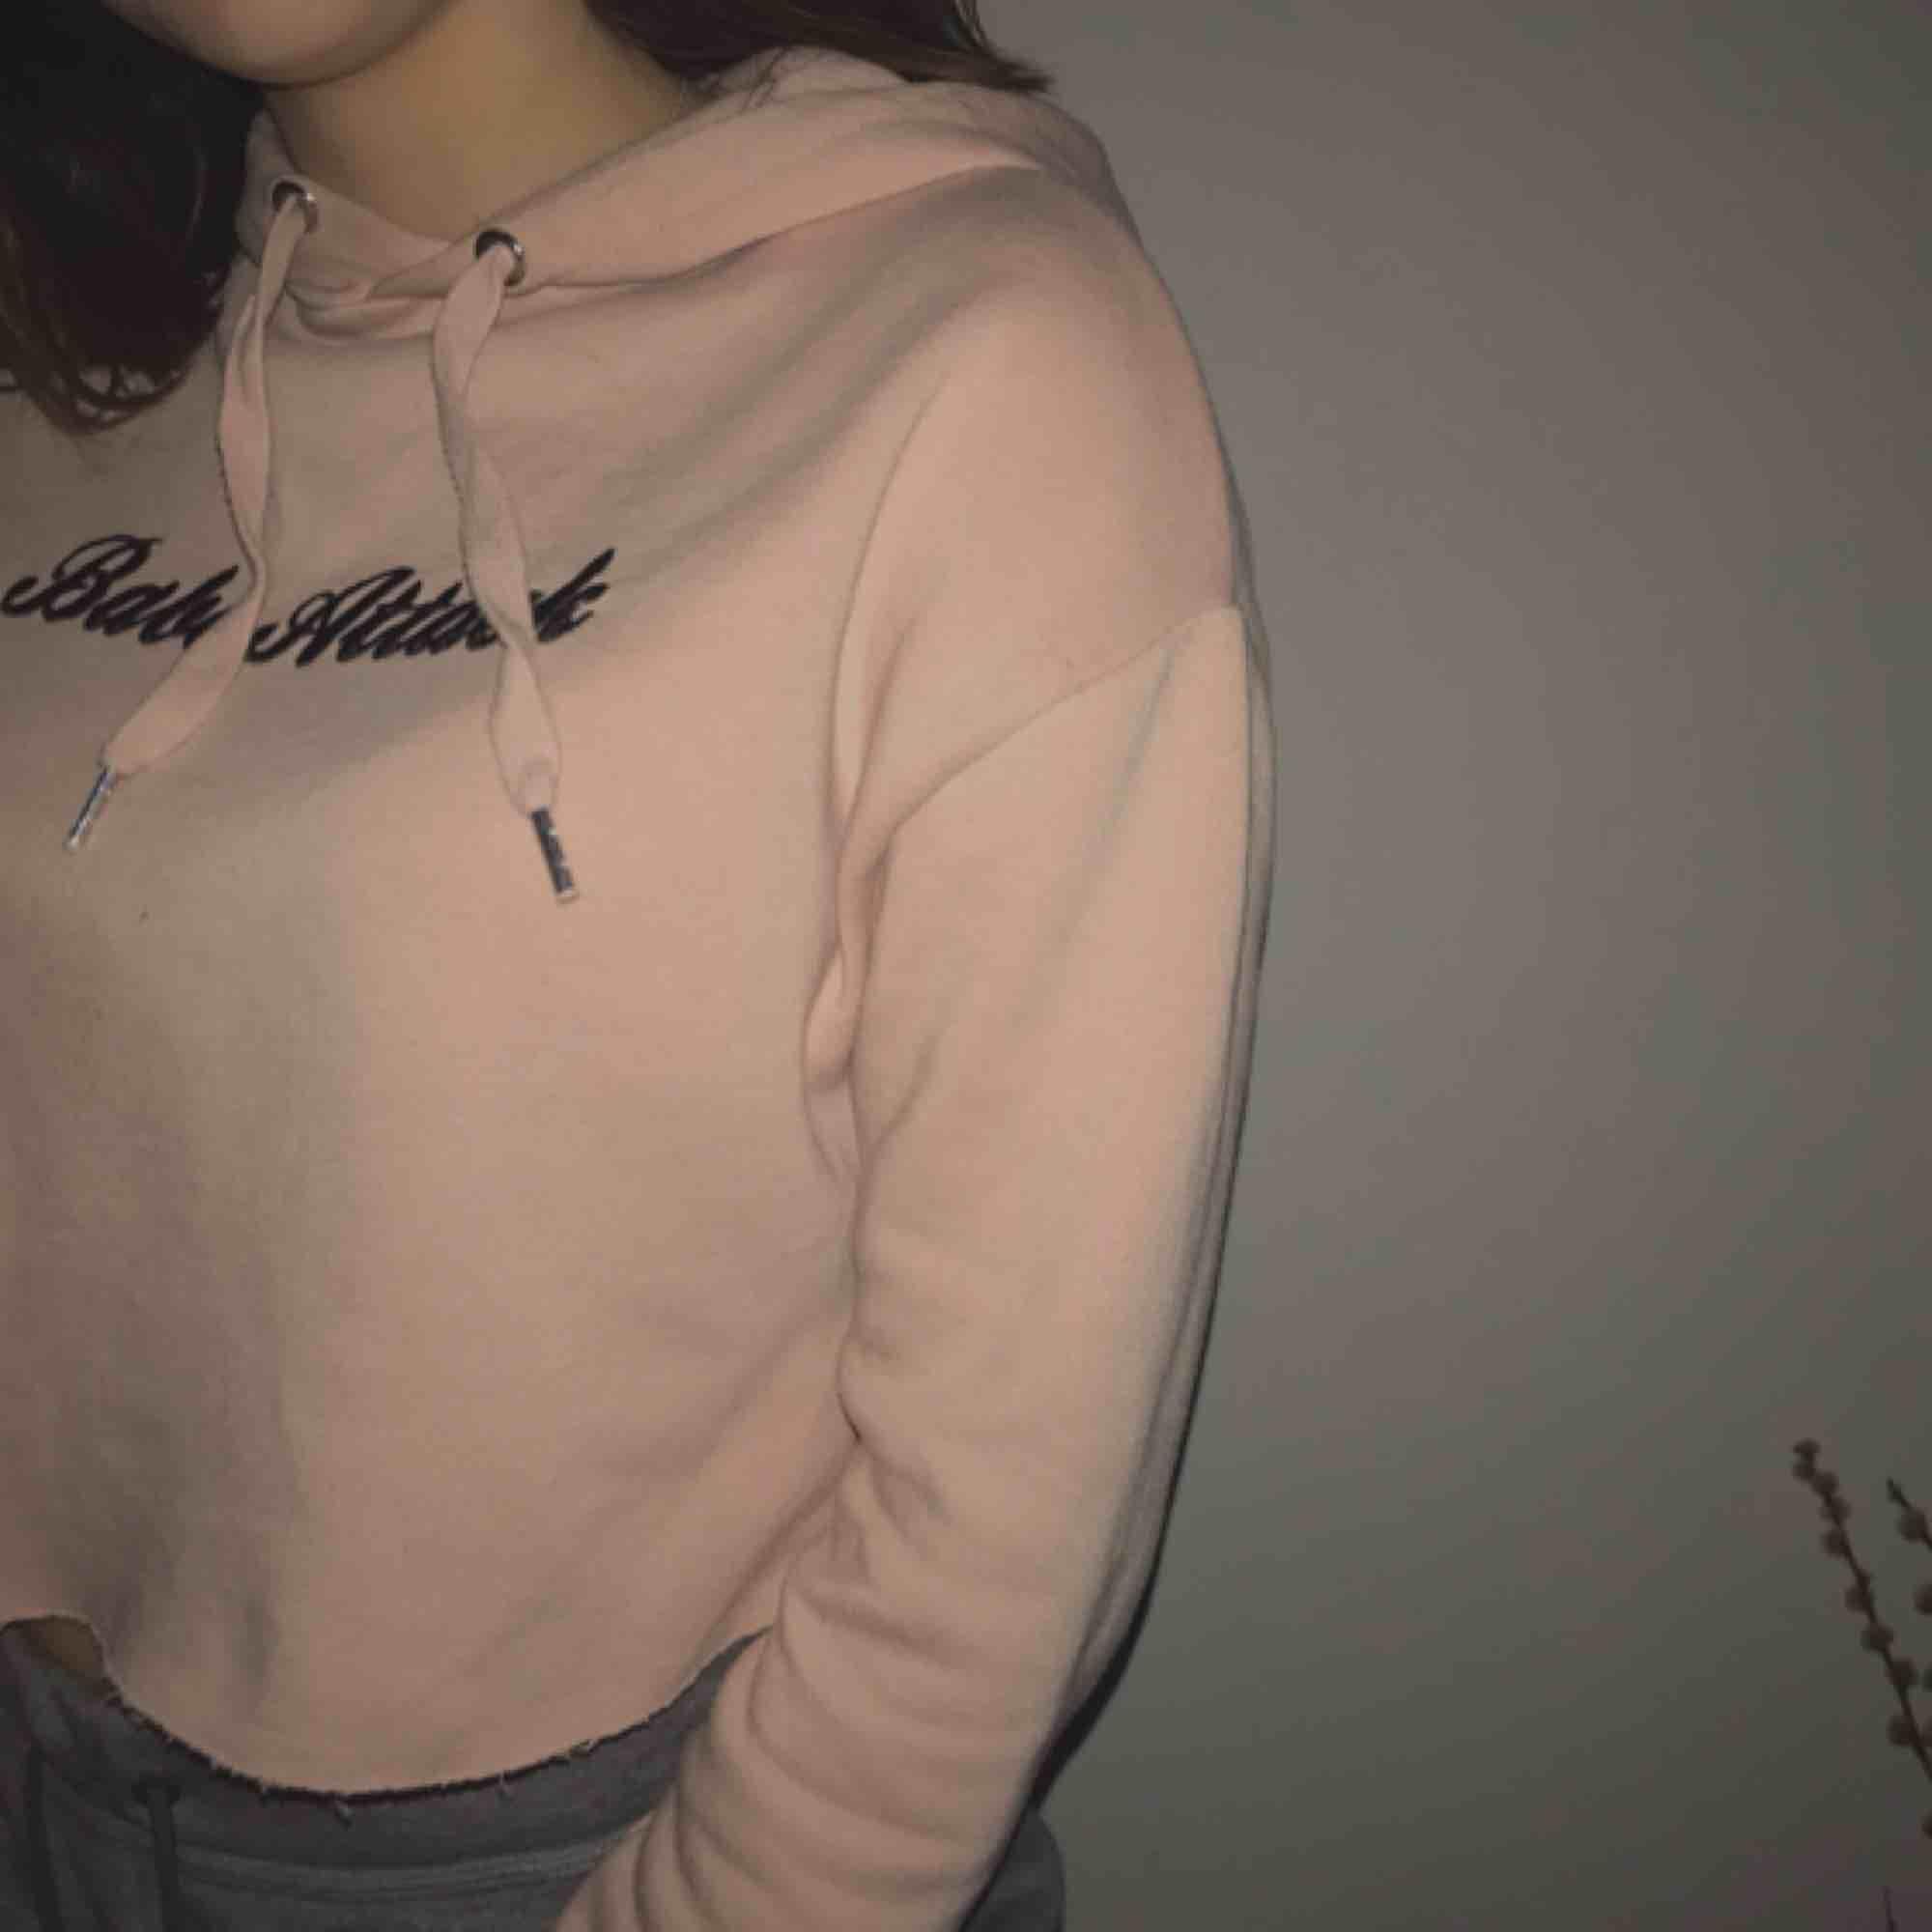 Croppad huvtröjor med ett tryck på bröstet Ljusrosa/nude färgad Storlek XS Nytt fint skick. Huvtröjor & Träningströjor.